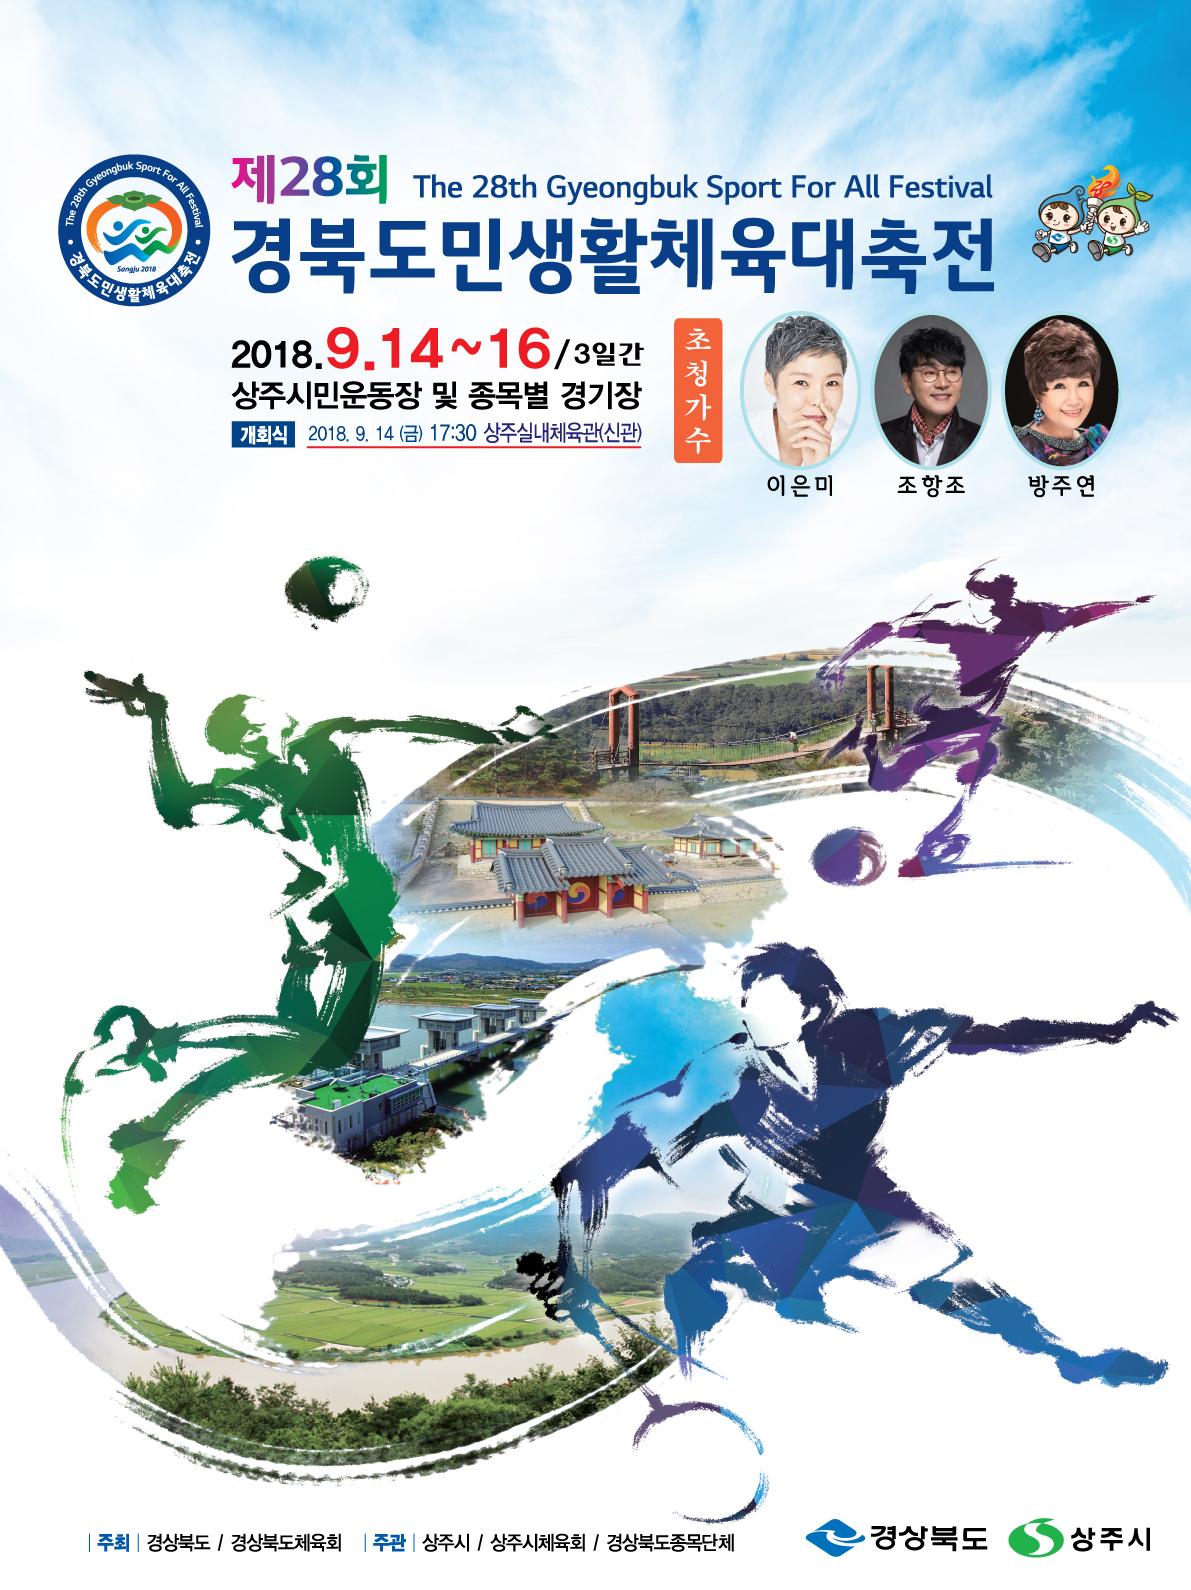 [새마을체육과]제28회 경북도민생활체육대축전 막 올려.jpg